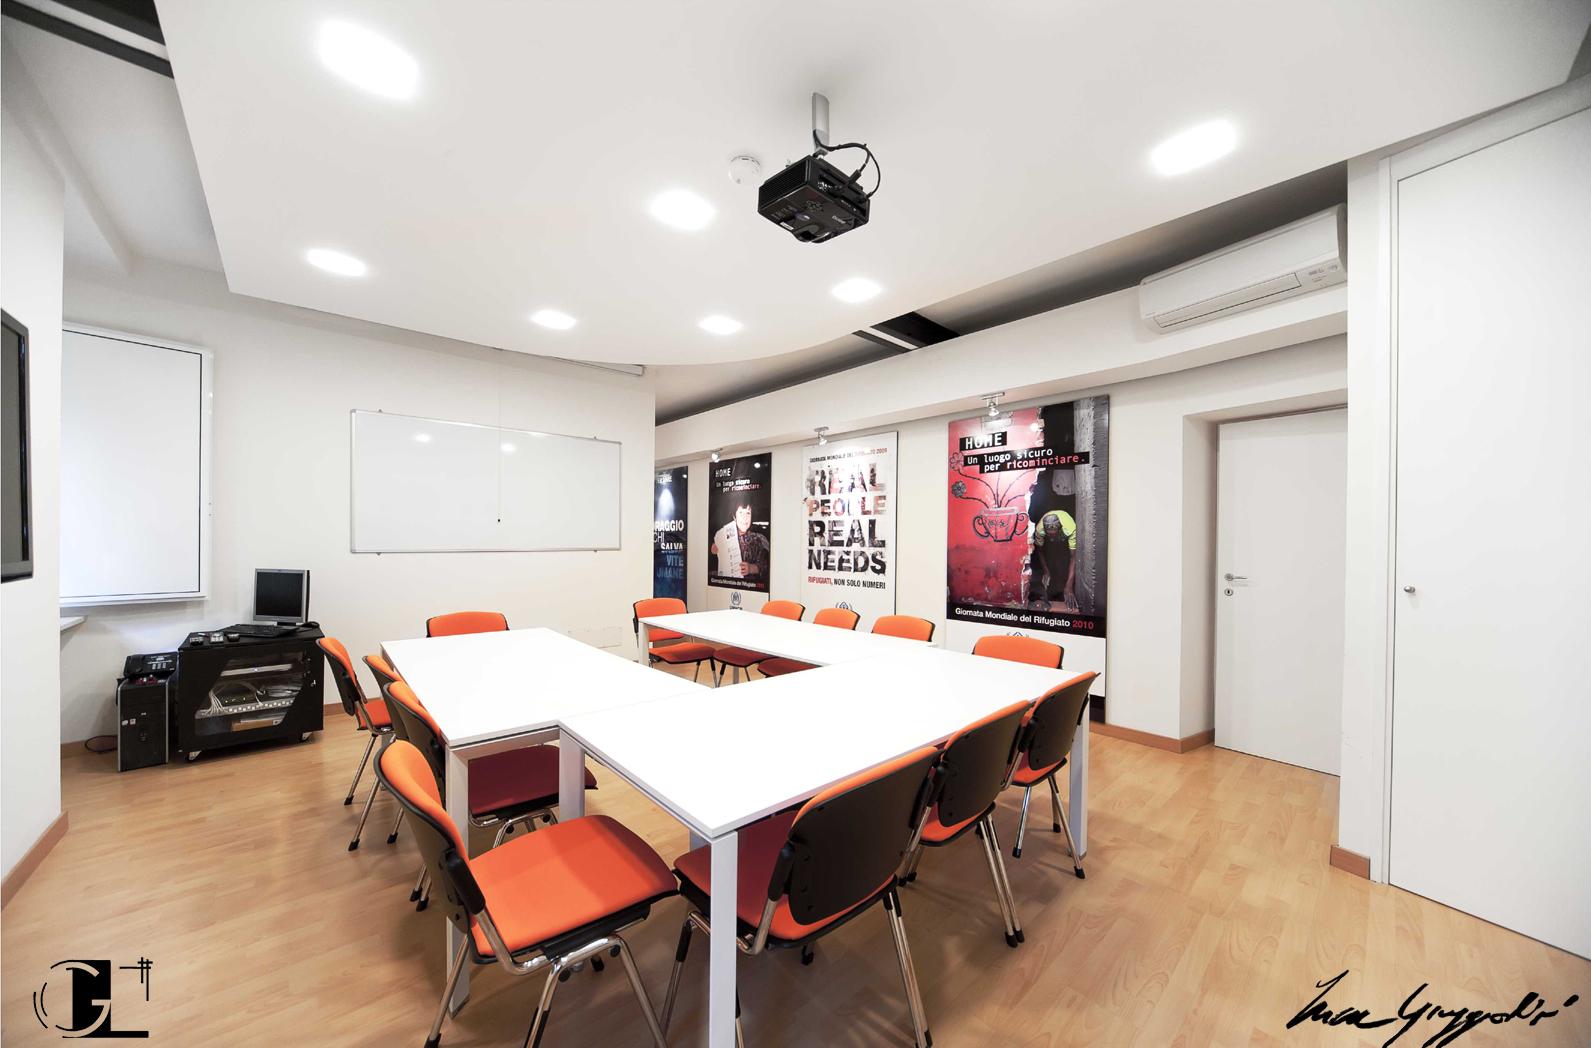 Portfolio giuggiolini luca architettura for Sala riunioni